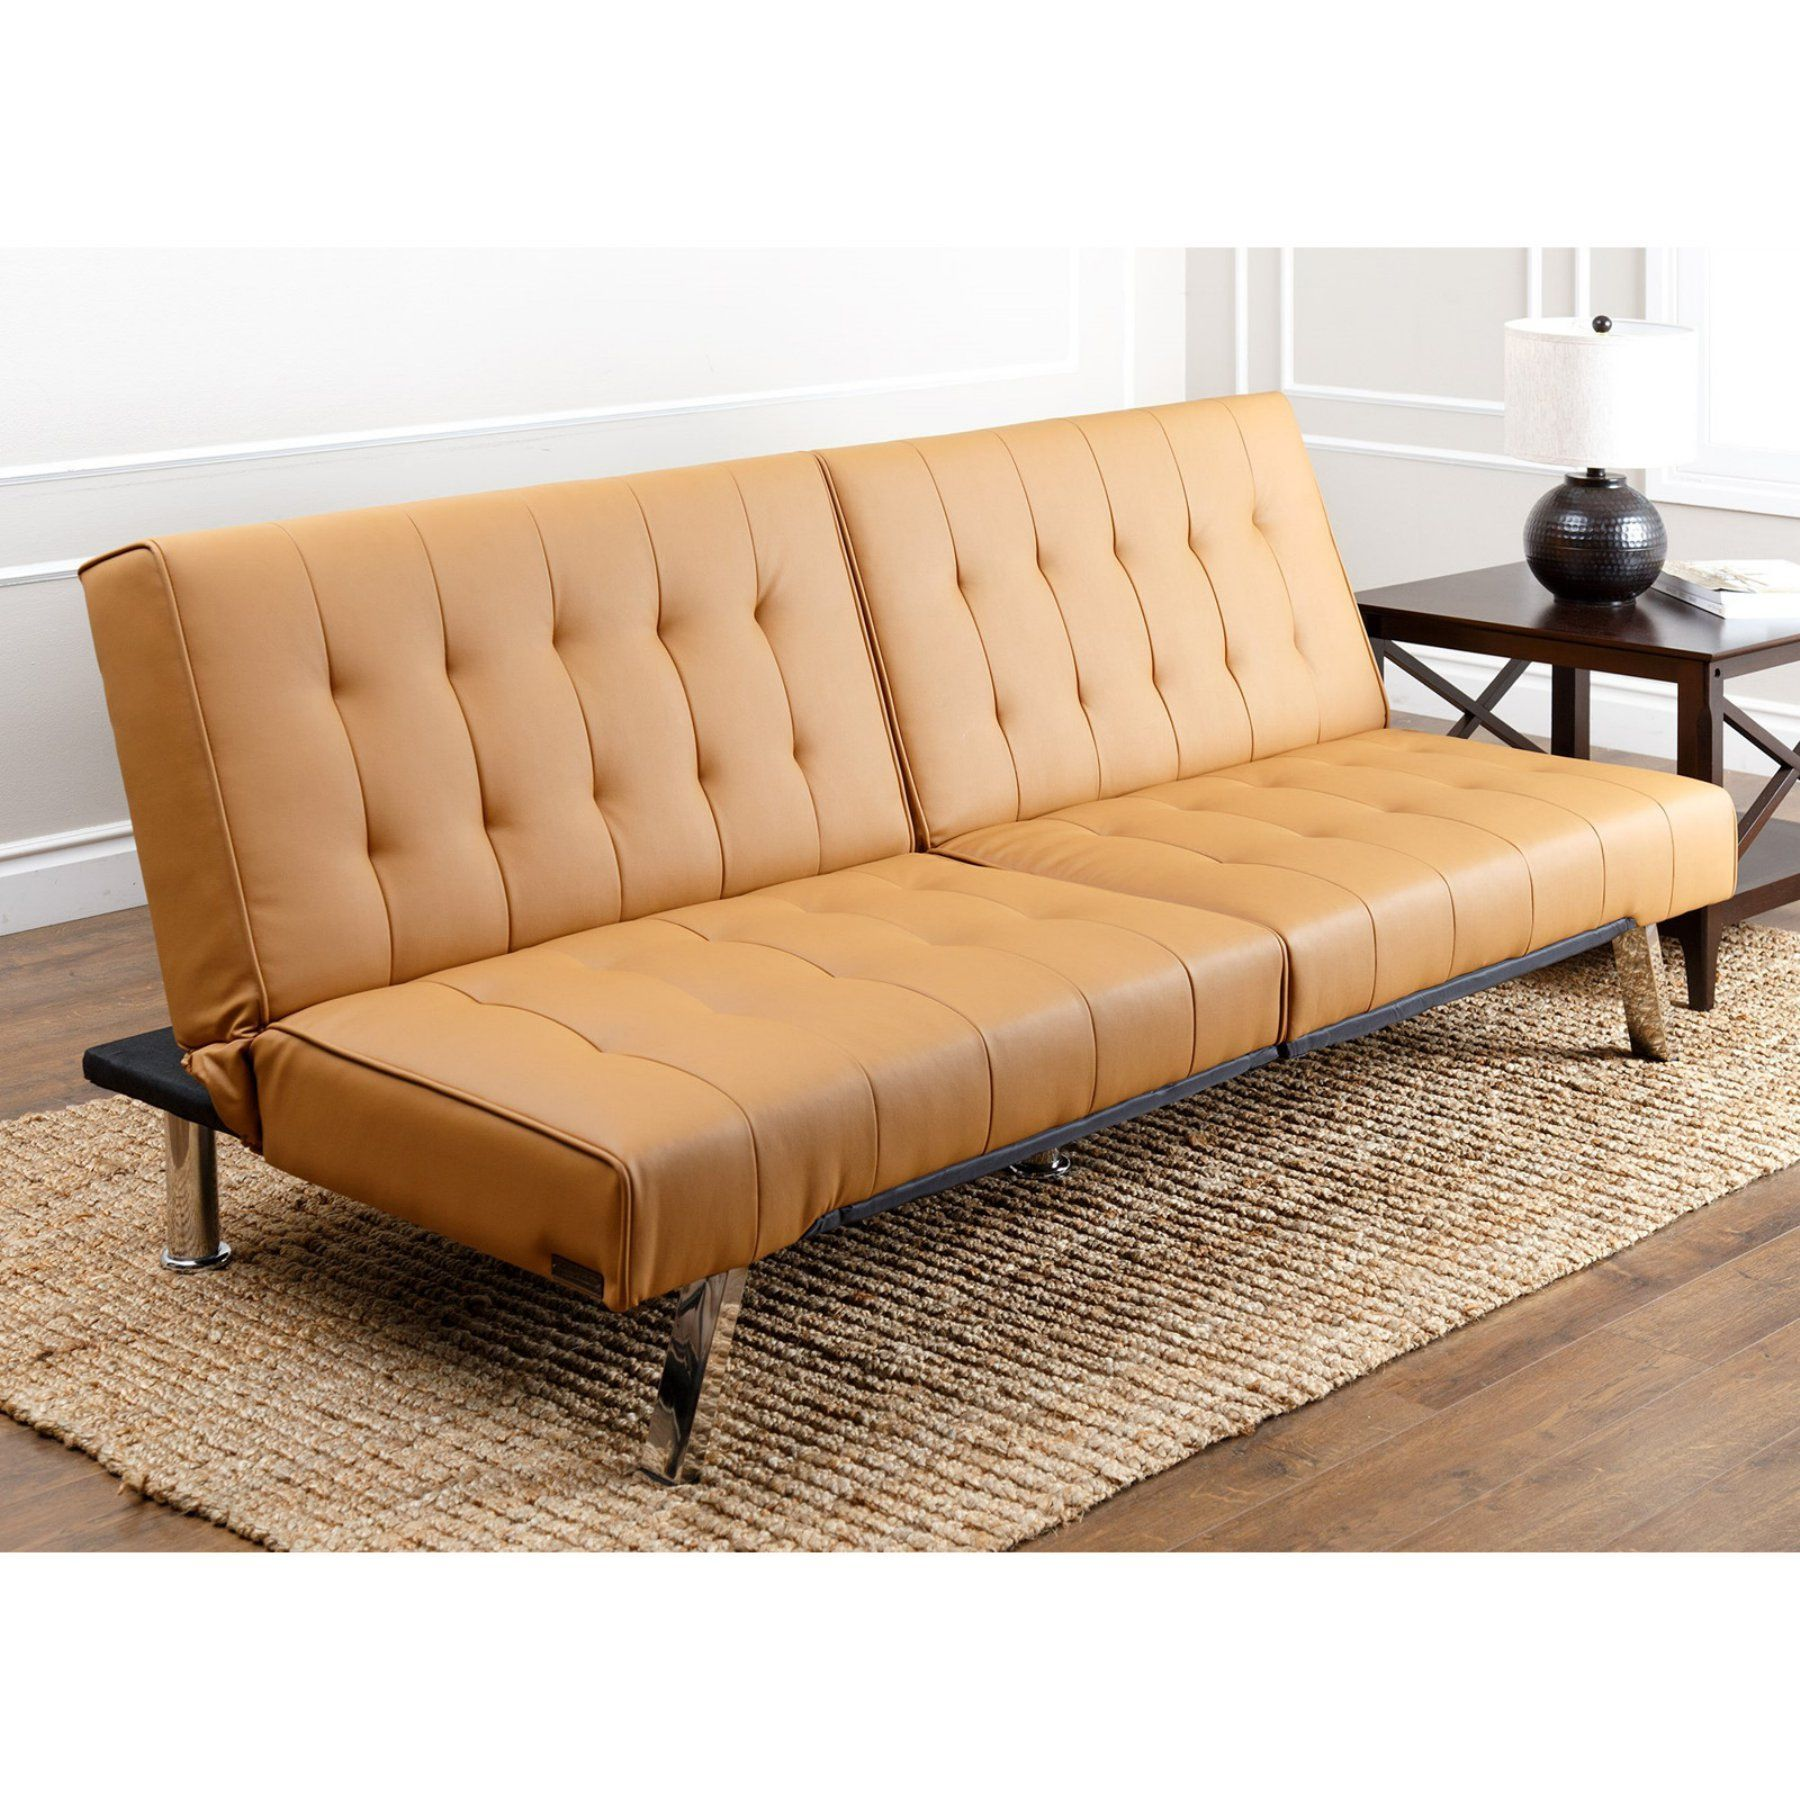 Abbyson Jackson Leather Foldable Futon Sofa Bed YG KS850 BRN